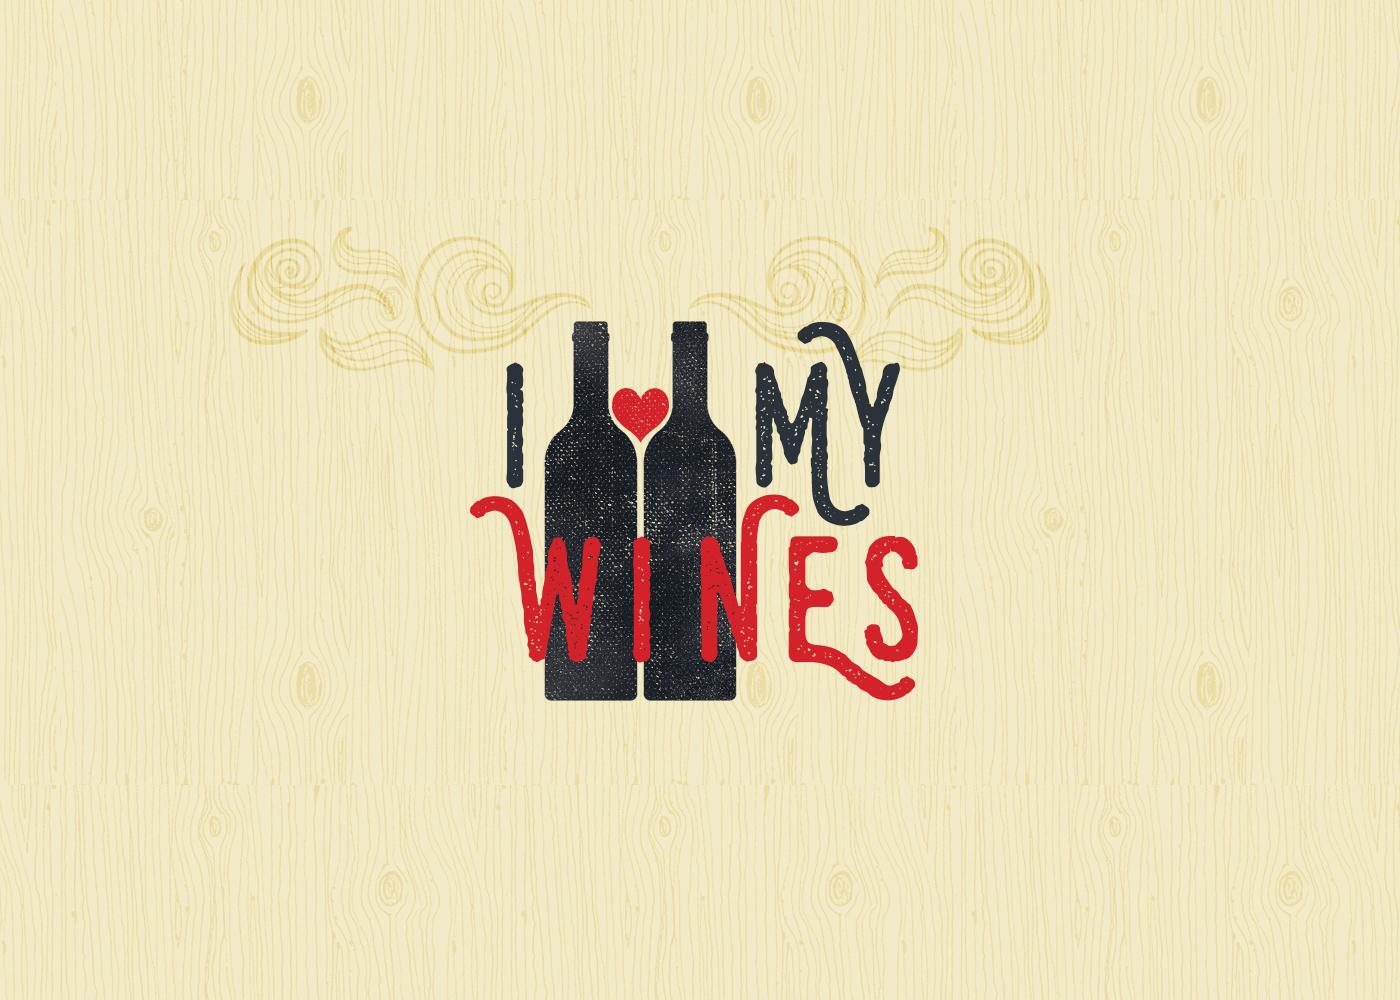 logo wine bottles hear Woo